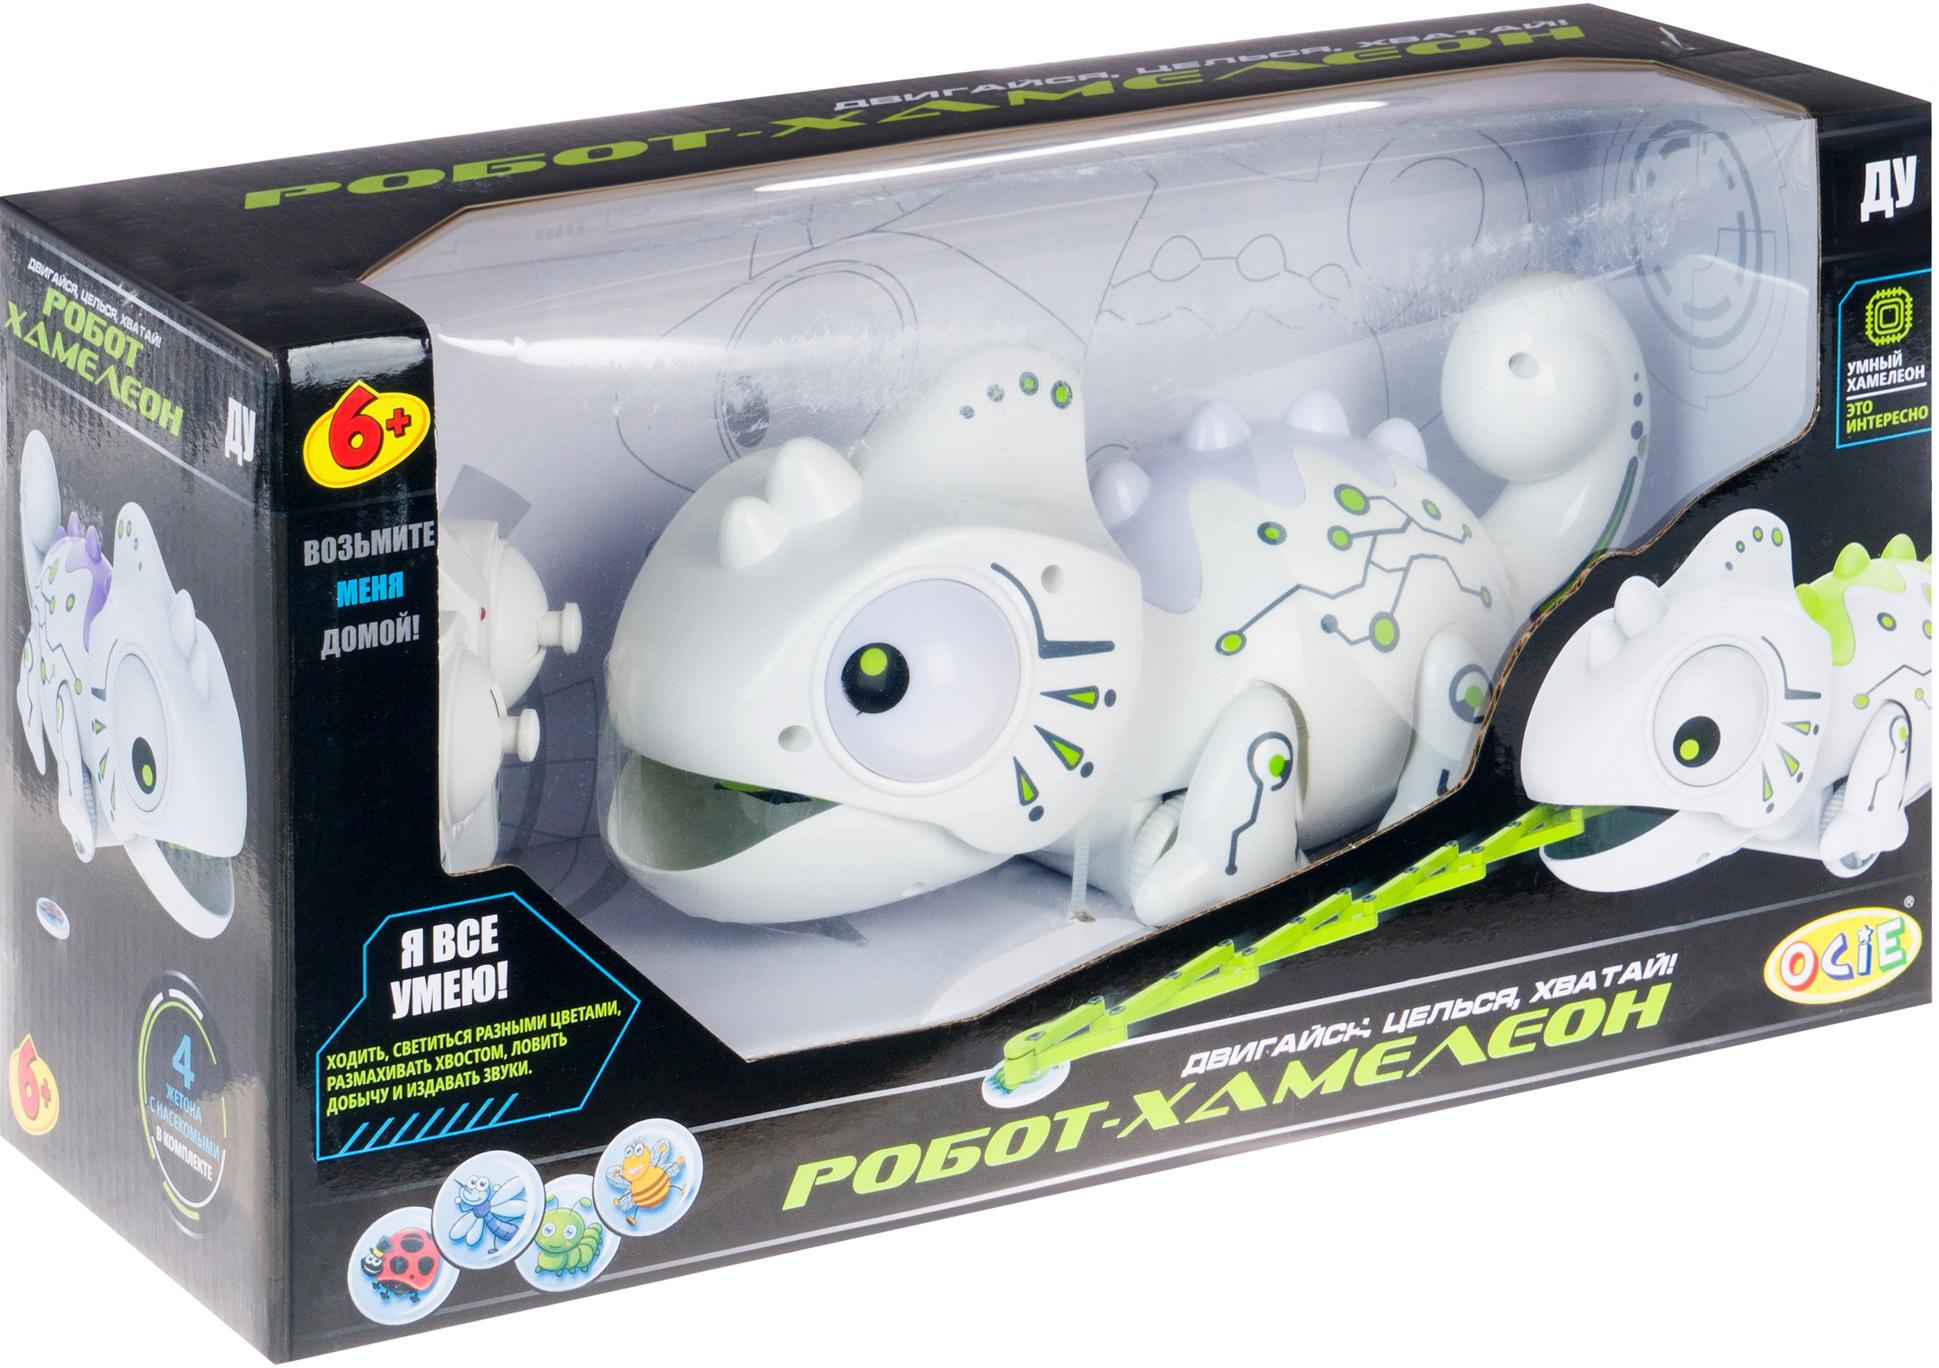 Робот-хамелеон с пультом ДУ (OTC0875178: OCIE)